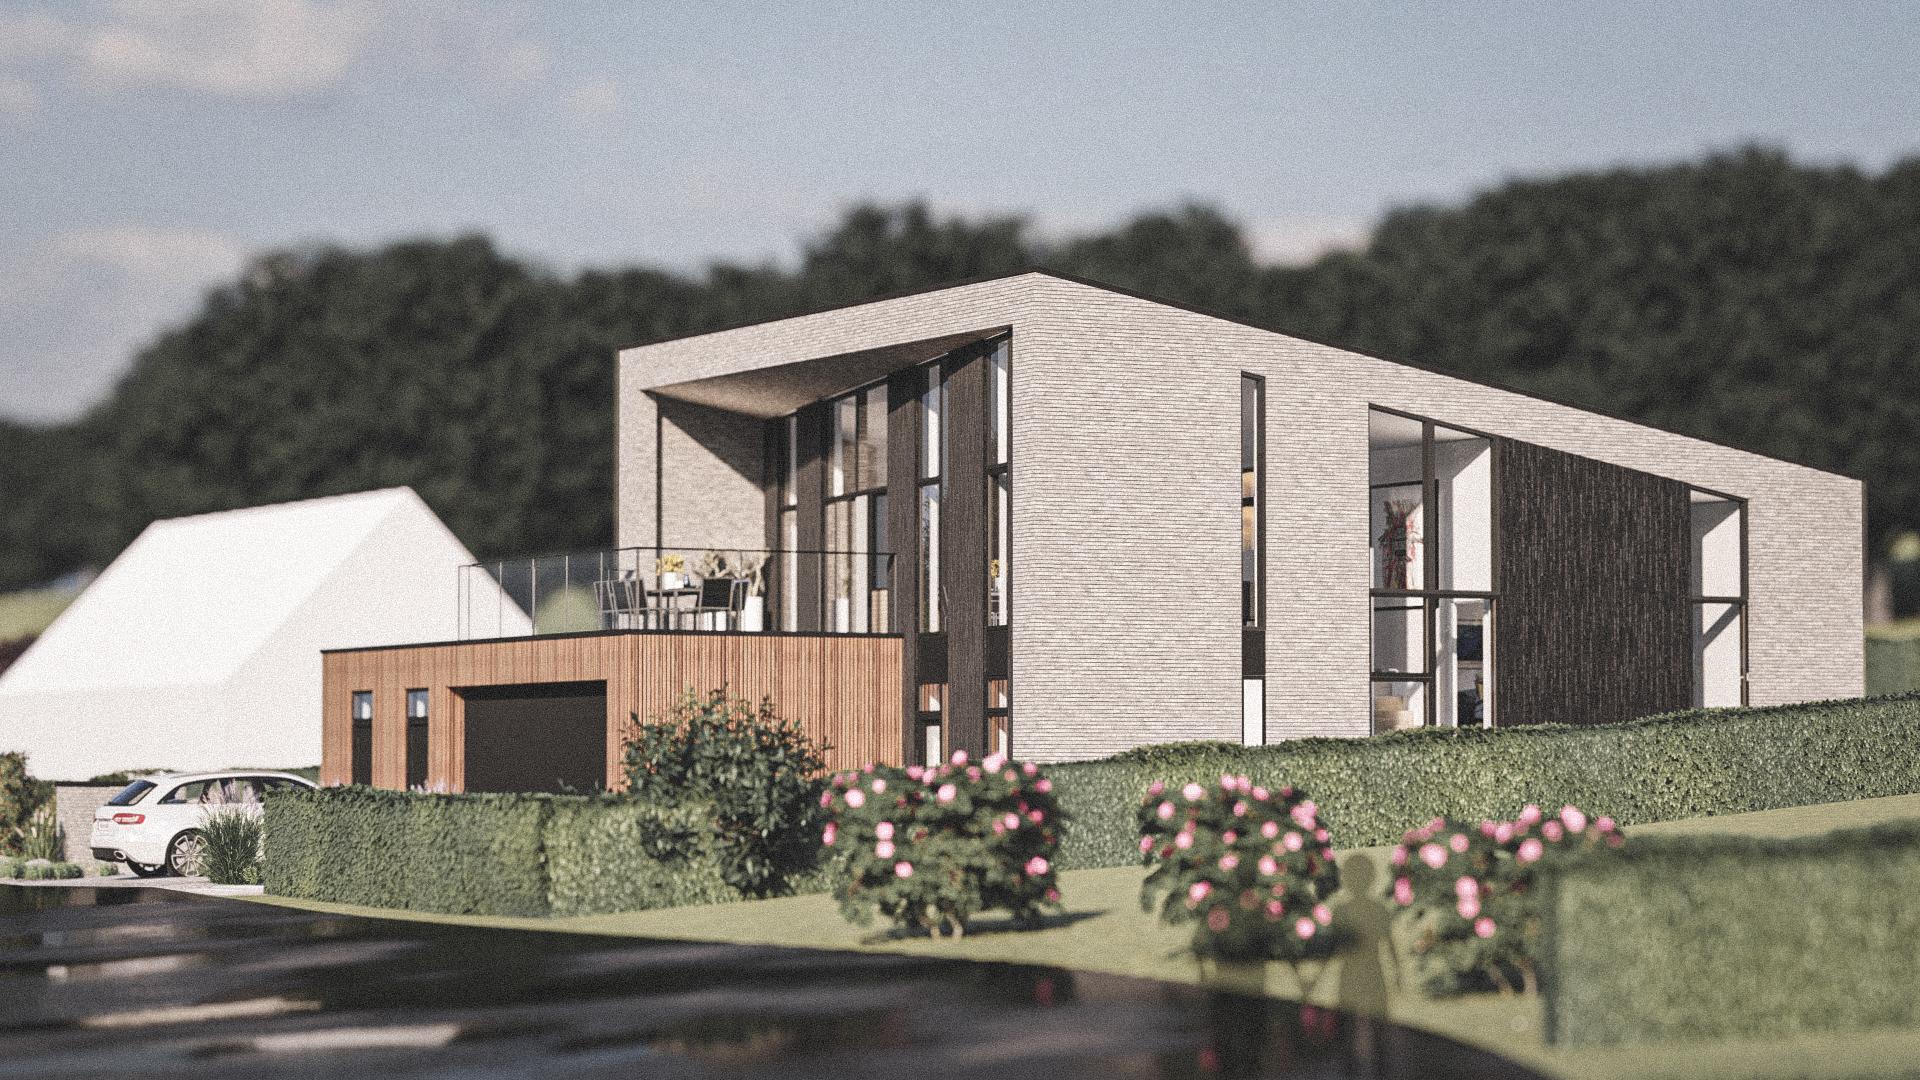 Billede af Dansk arkitekttegnet 2 plan villa af arkitektfirmaet m2plus, i Storvorde på 201 kvartratmeter.